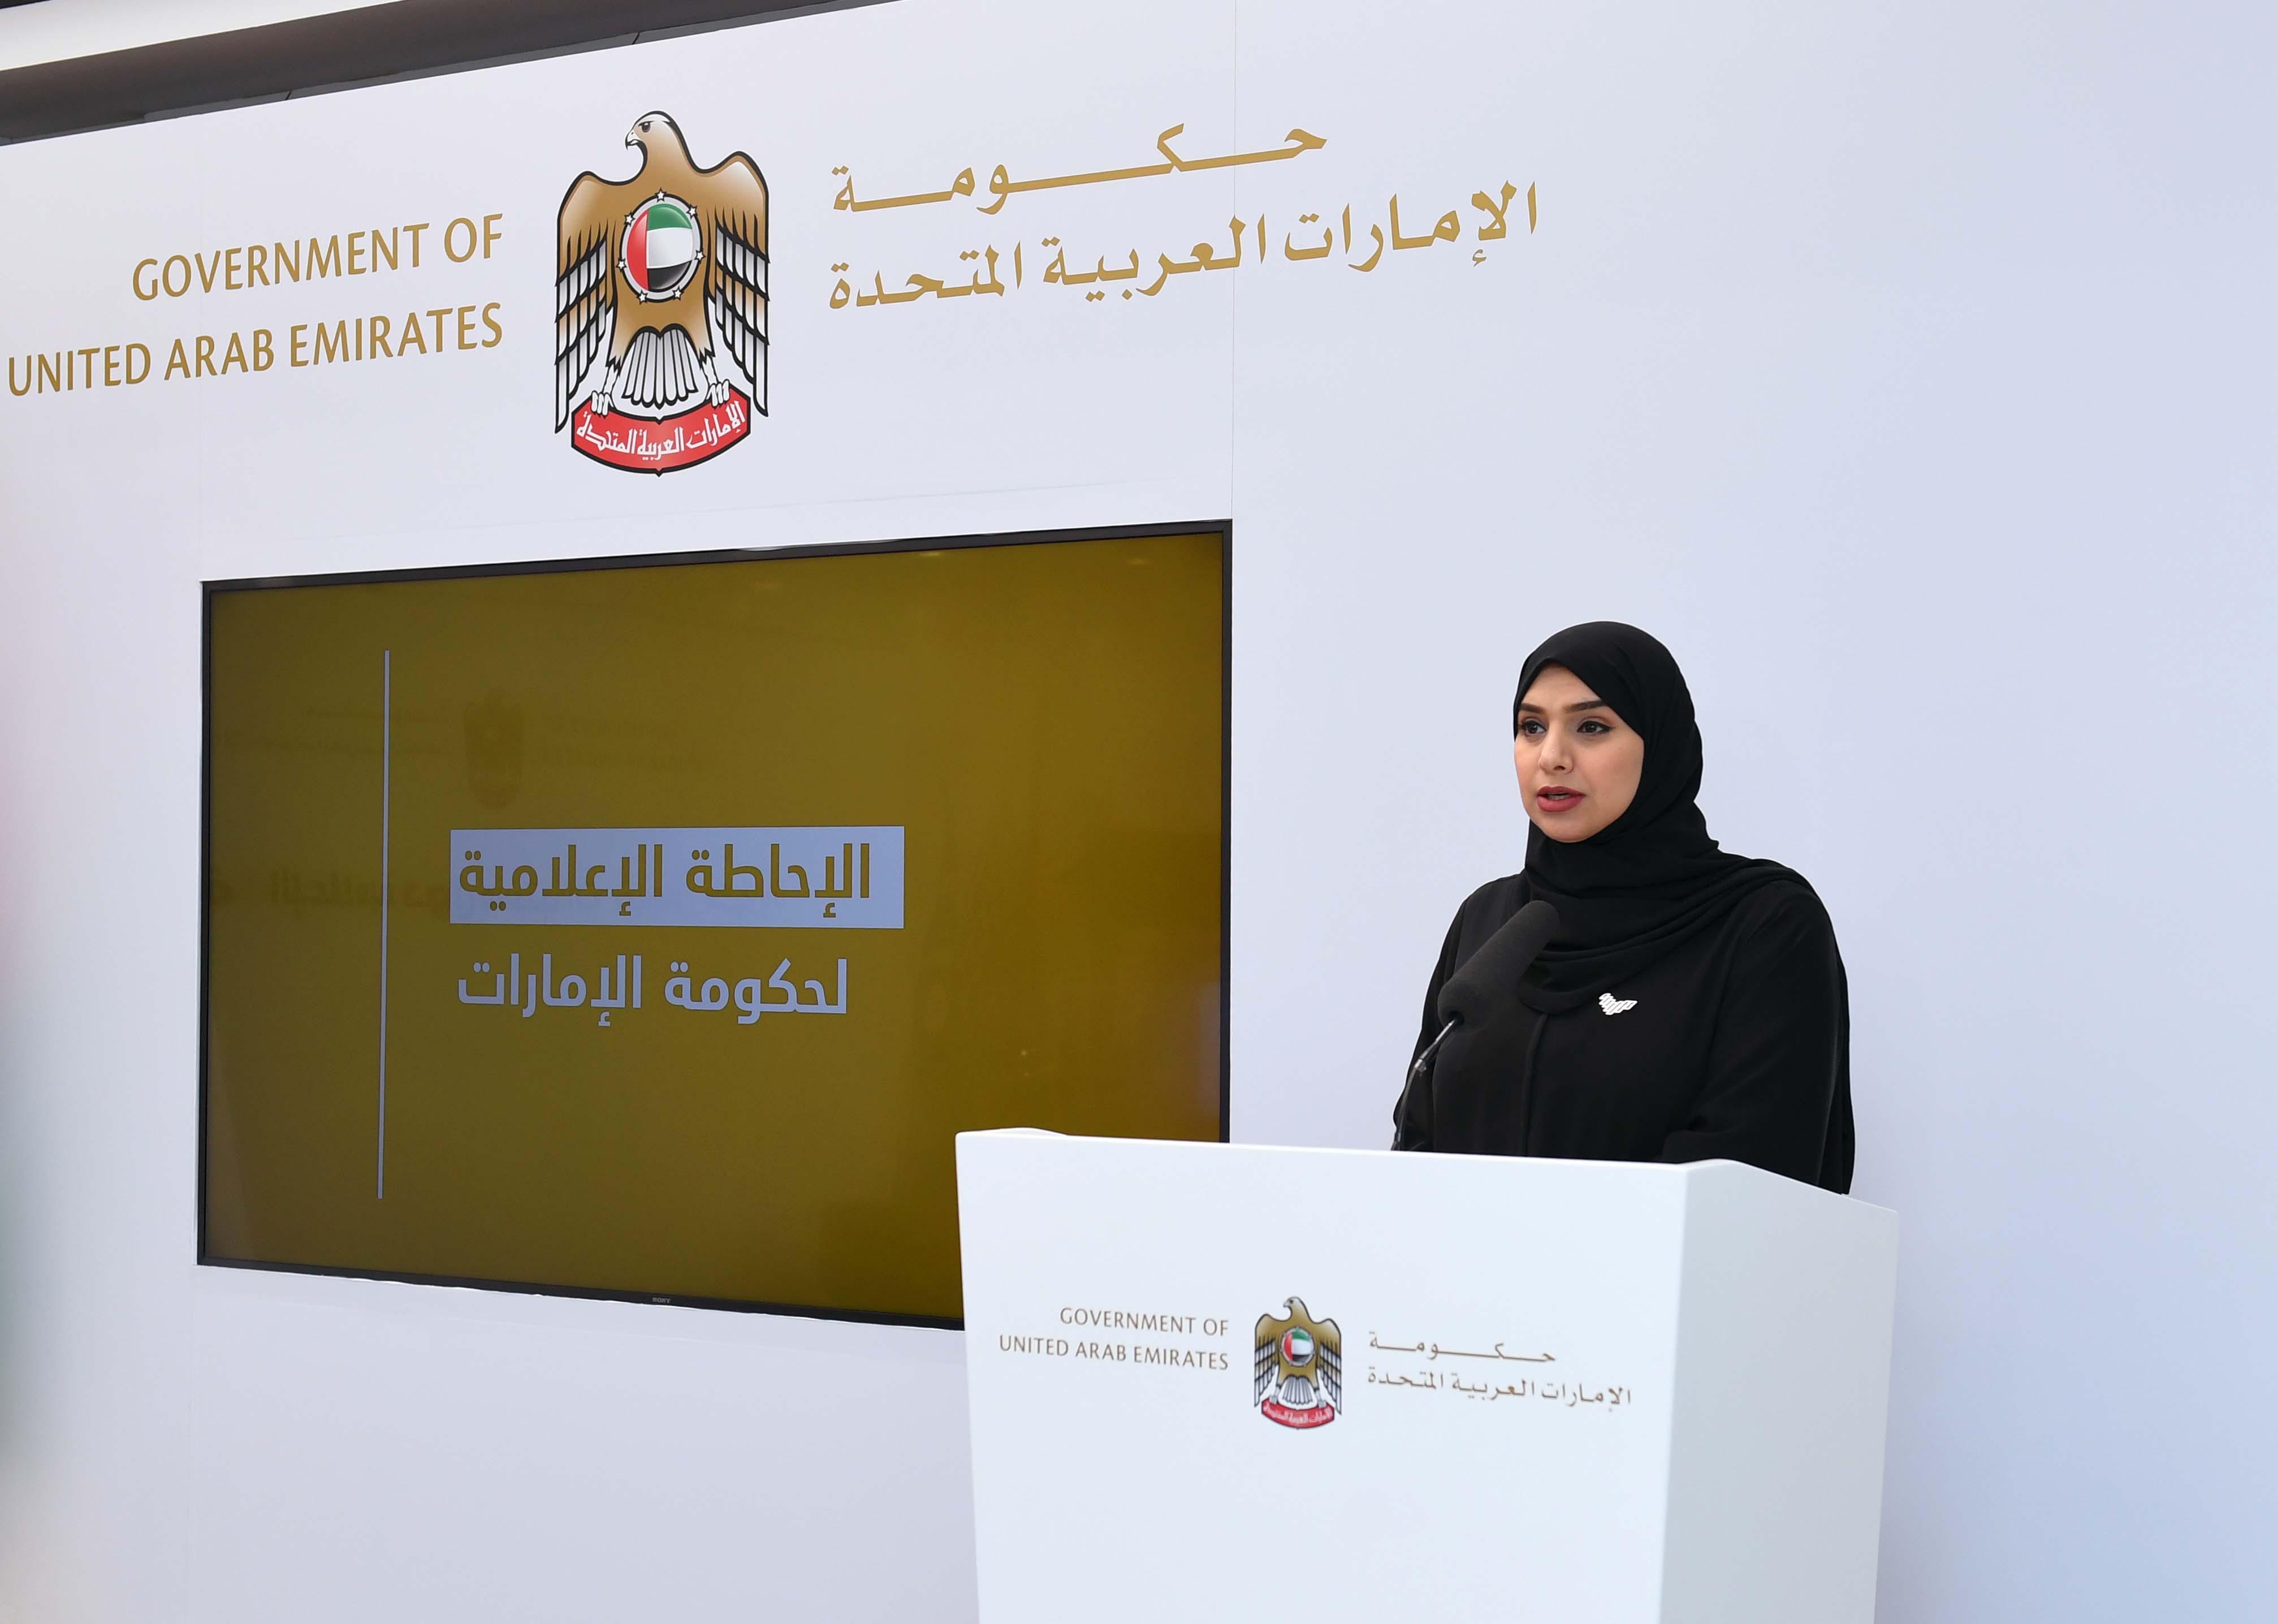 """خلال الإحاطة الإعلامية لحكومة الإمارات حول """"كوفيد 19"""" .. الإمارات تعتزم إجراء أكثر من مليوني فحص خلال الشهرين المقبلين"""